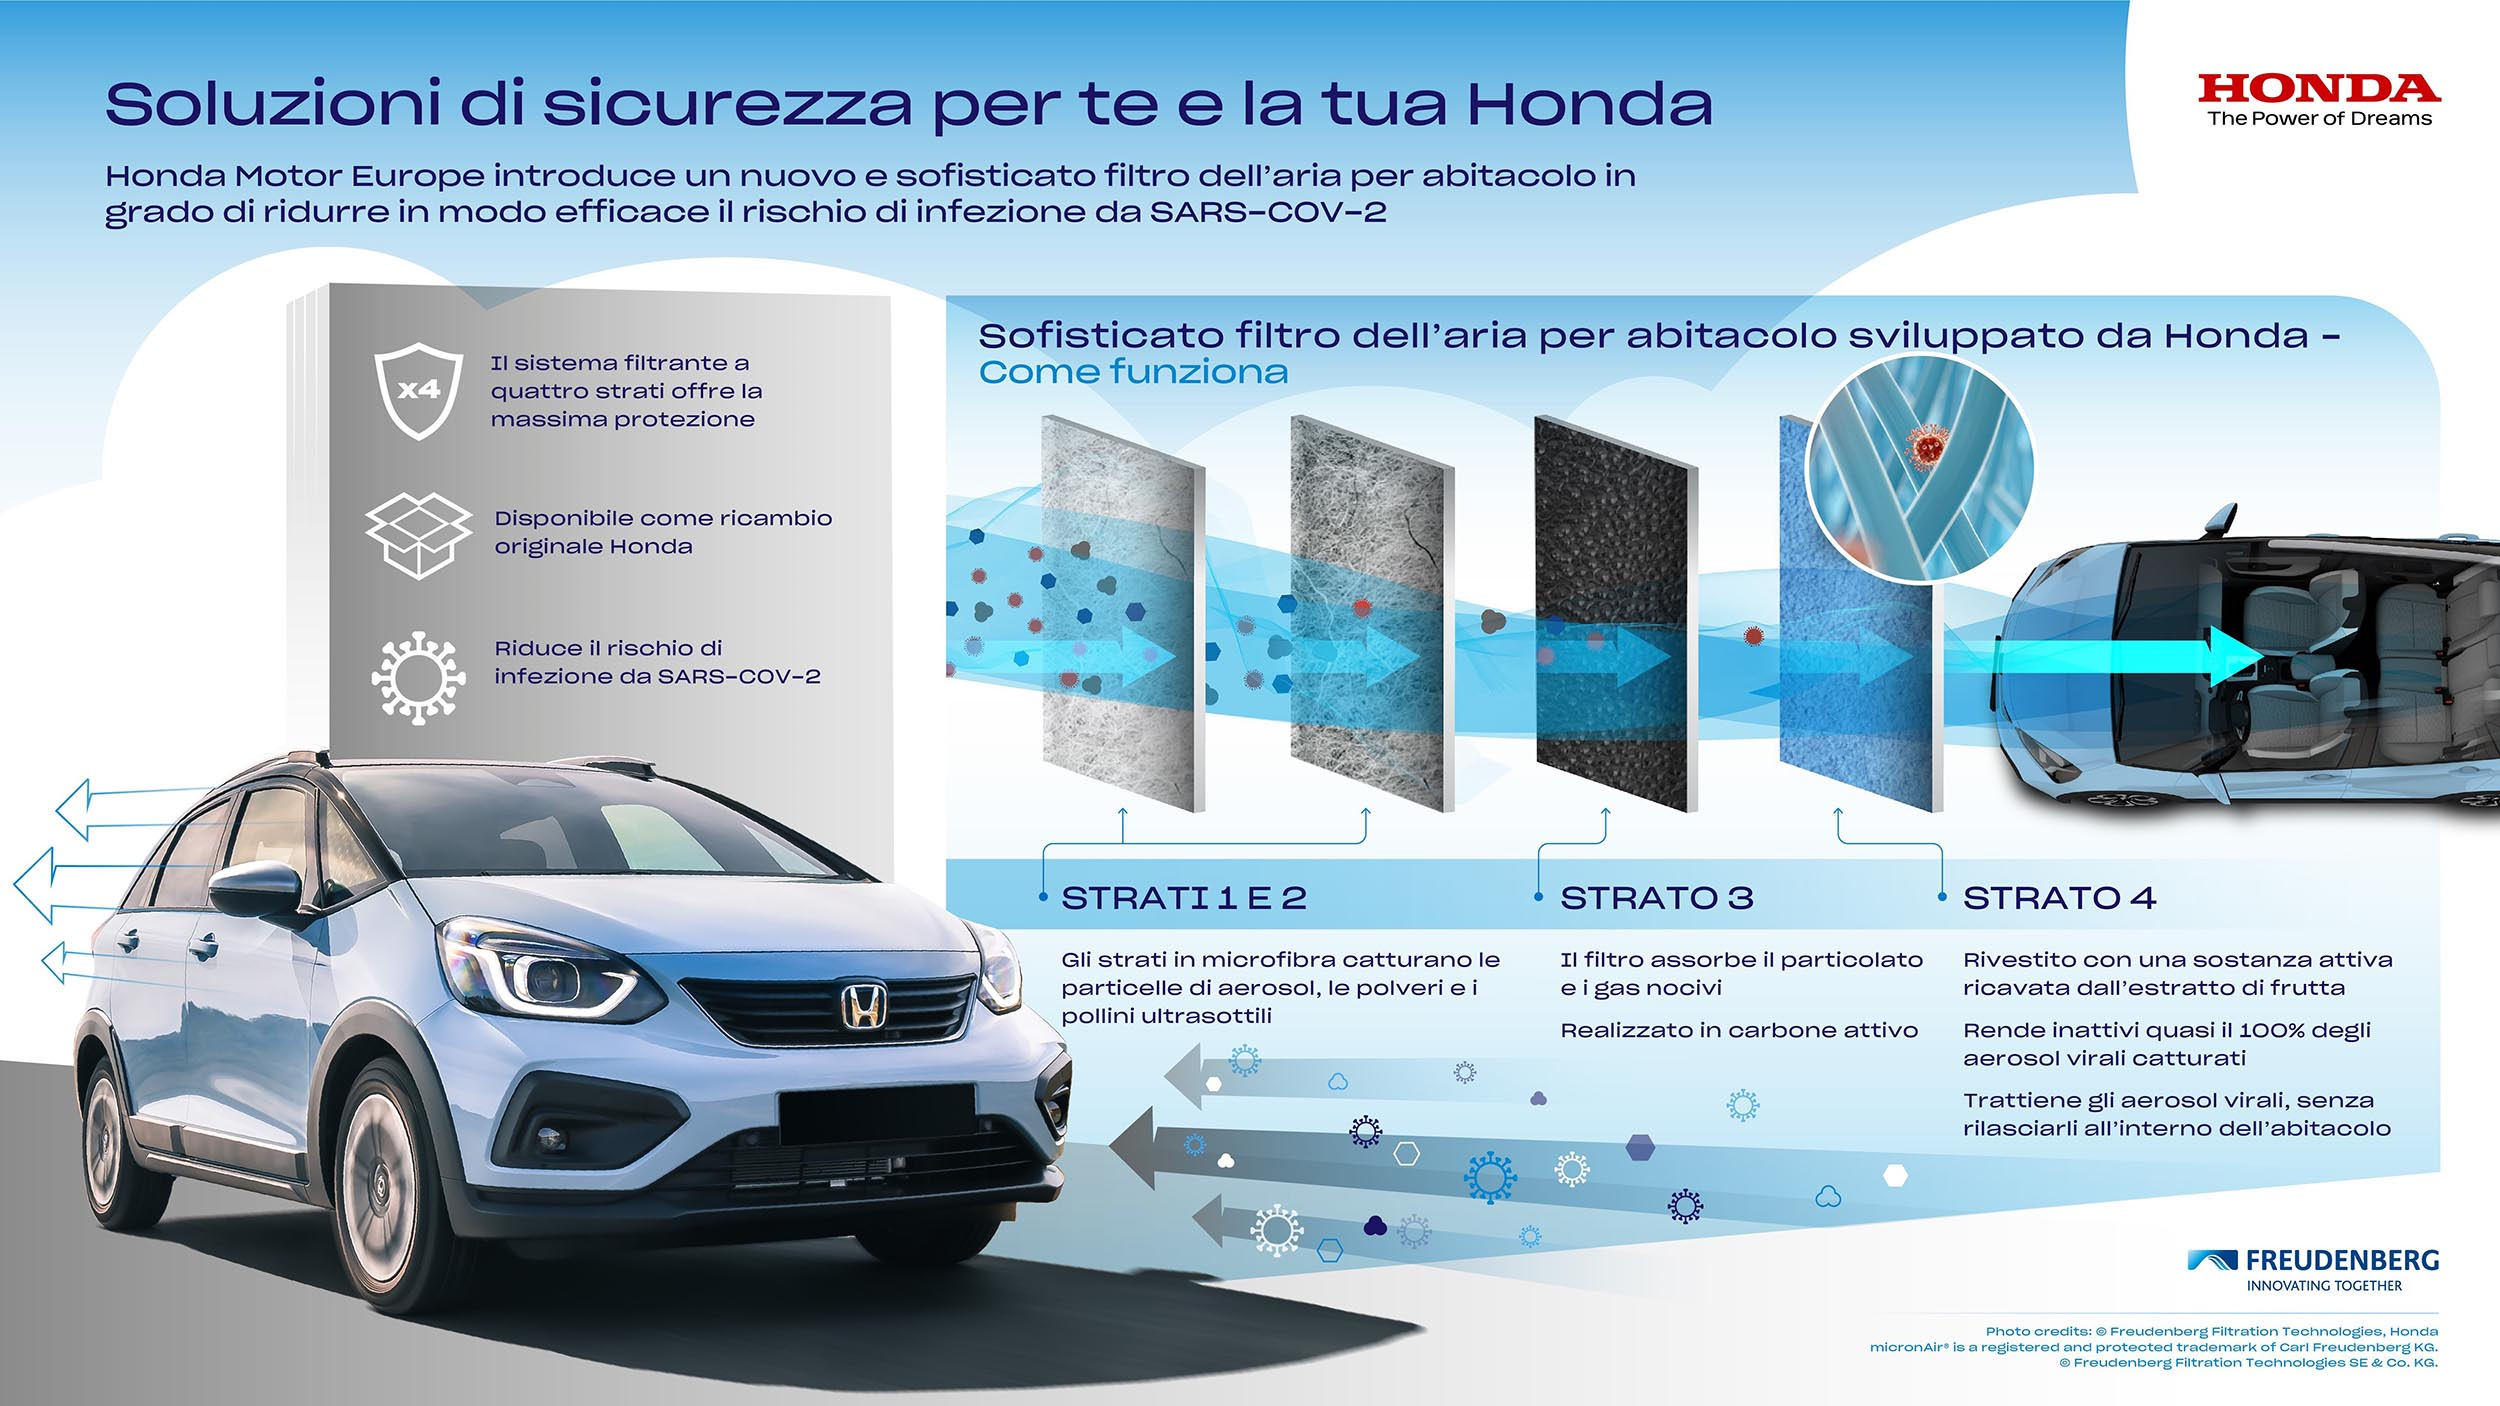 Honda, filtro aria per l'auto per ridurre il rischio di infezione da SARS-COV-2